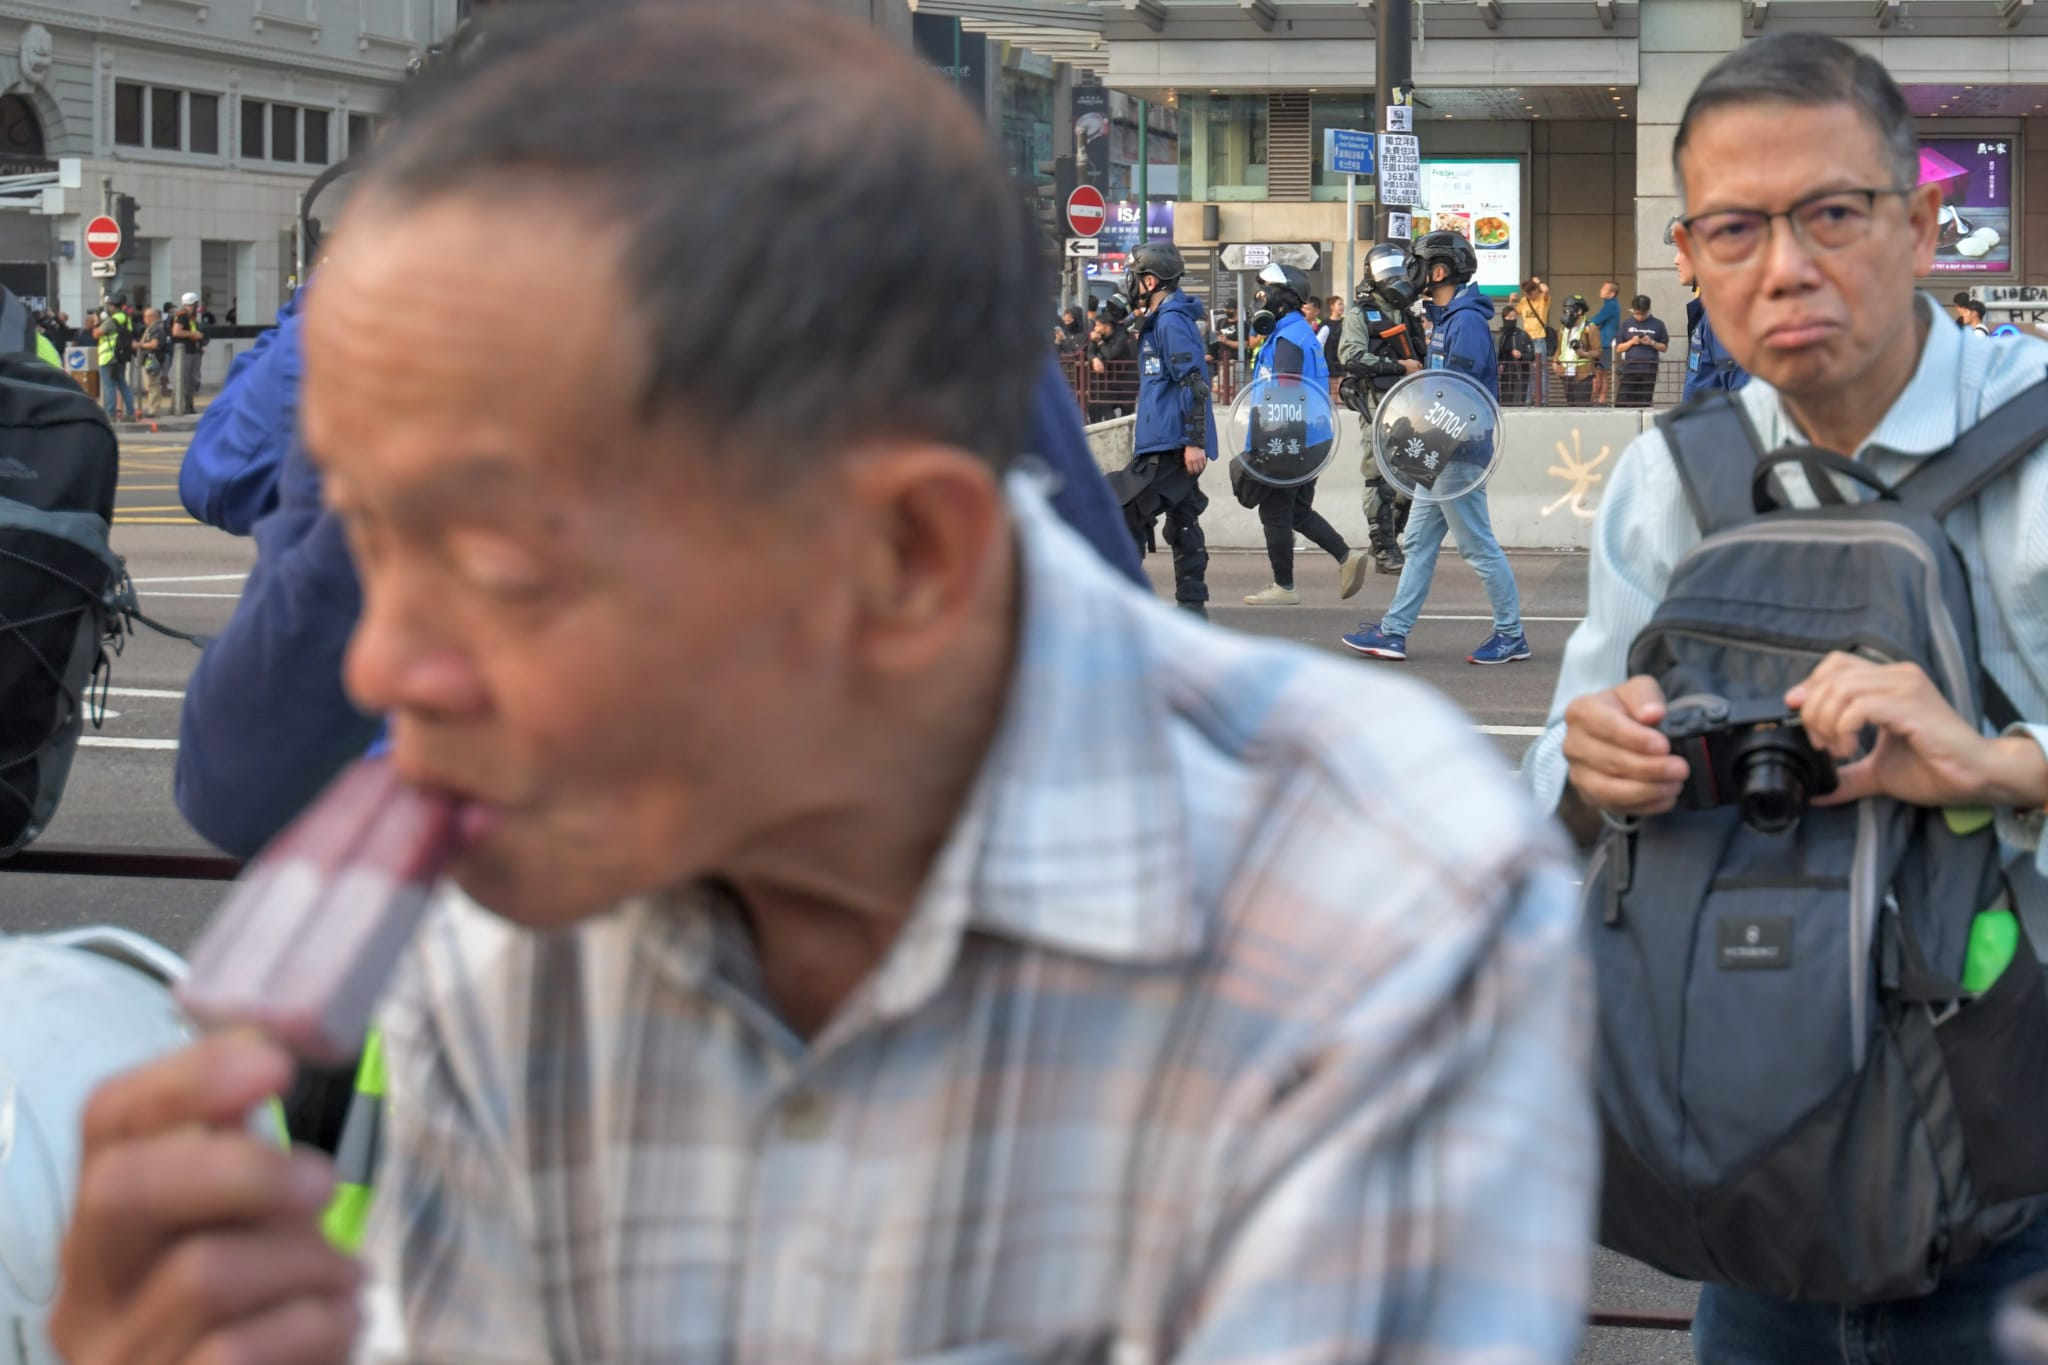 年近八旬的雪糕小販歐陽先生(前)中催淚彈後繼續擺檔